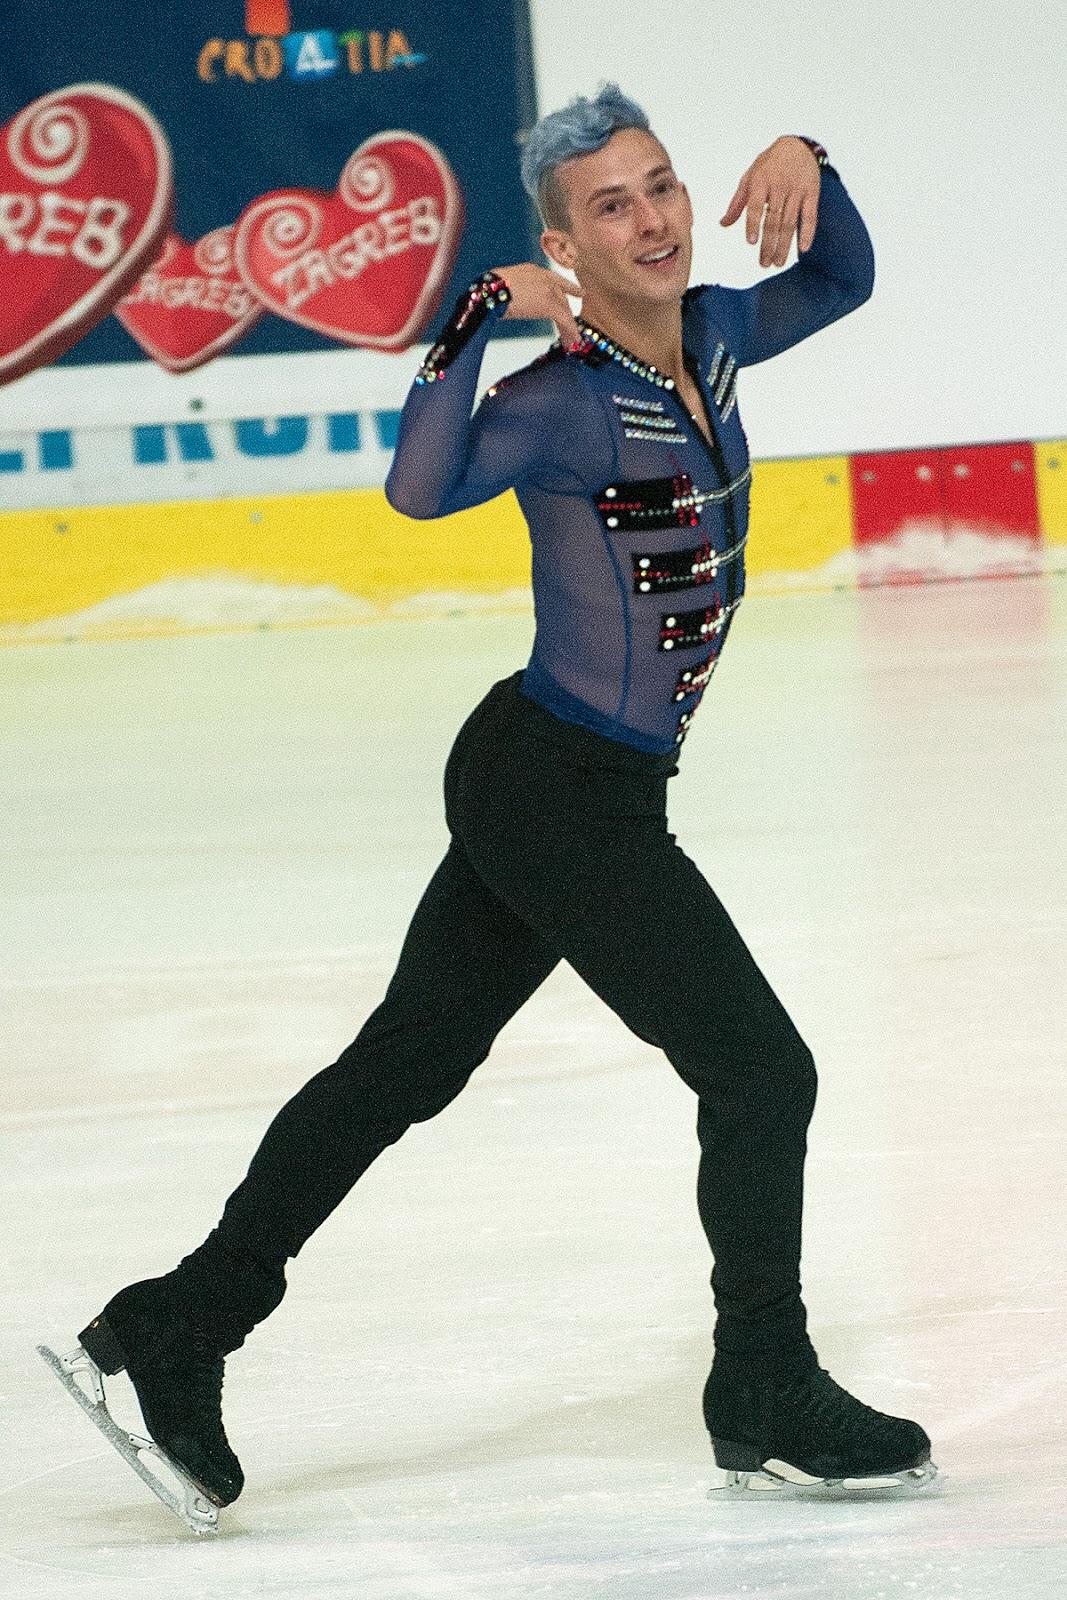 Classificado para Olimpíada, patinador explica com humor como é ser um atleta LGBT